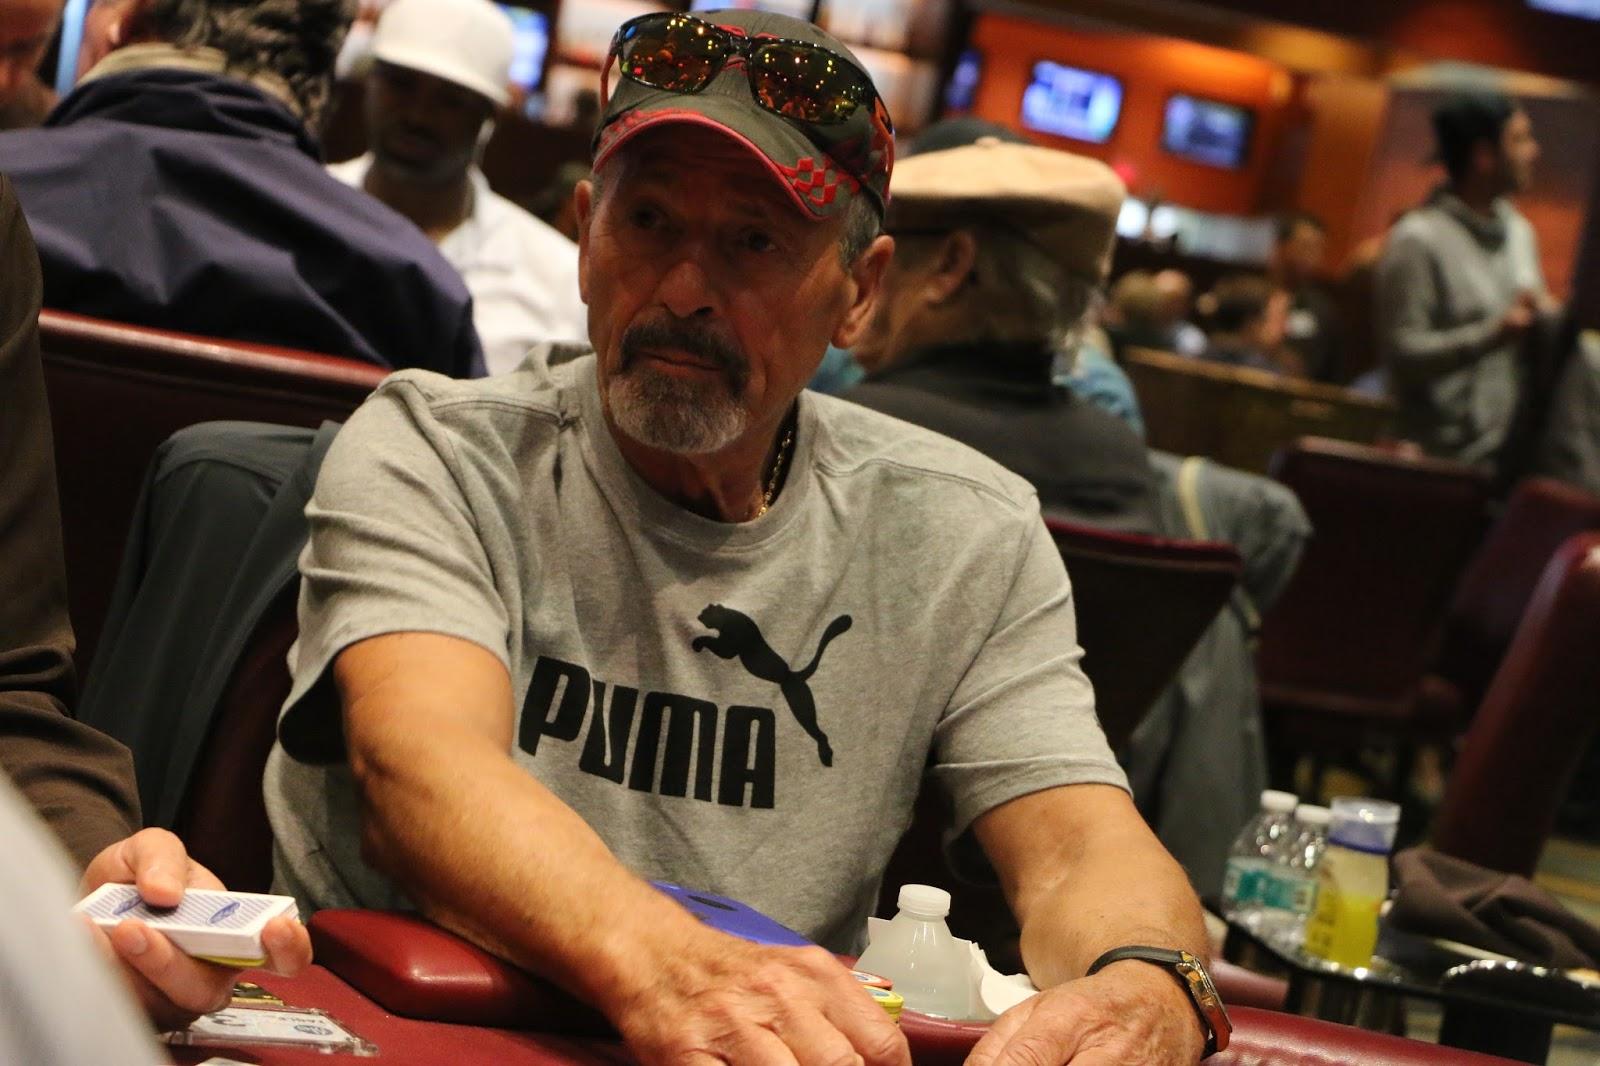 Poker good sample size